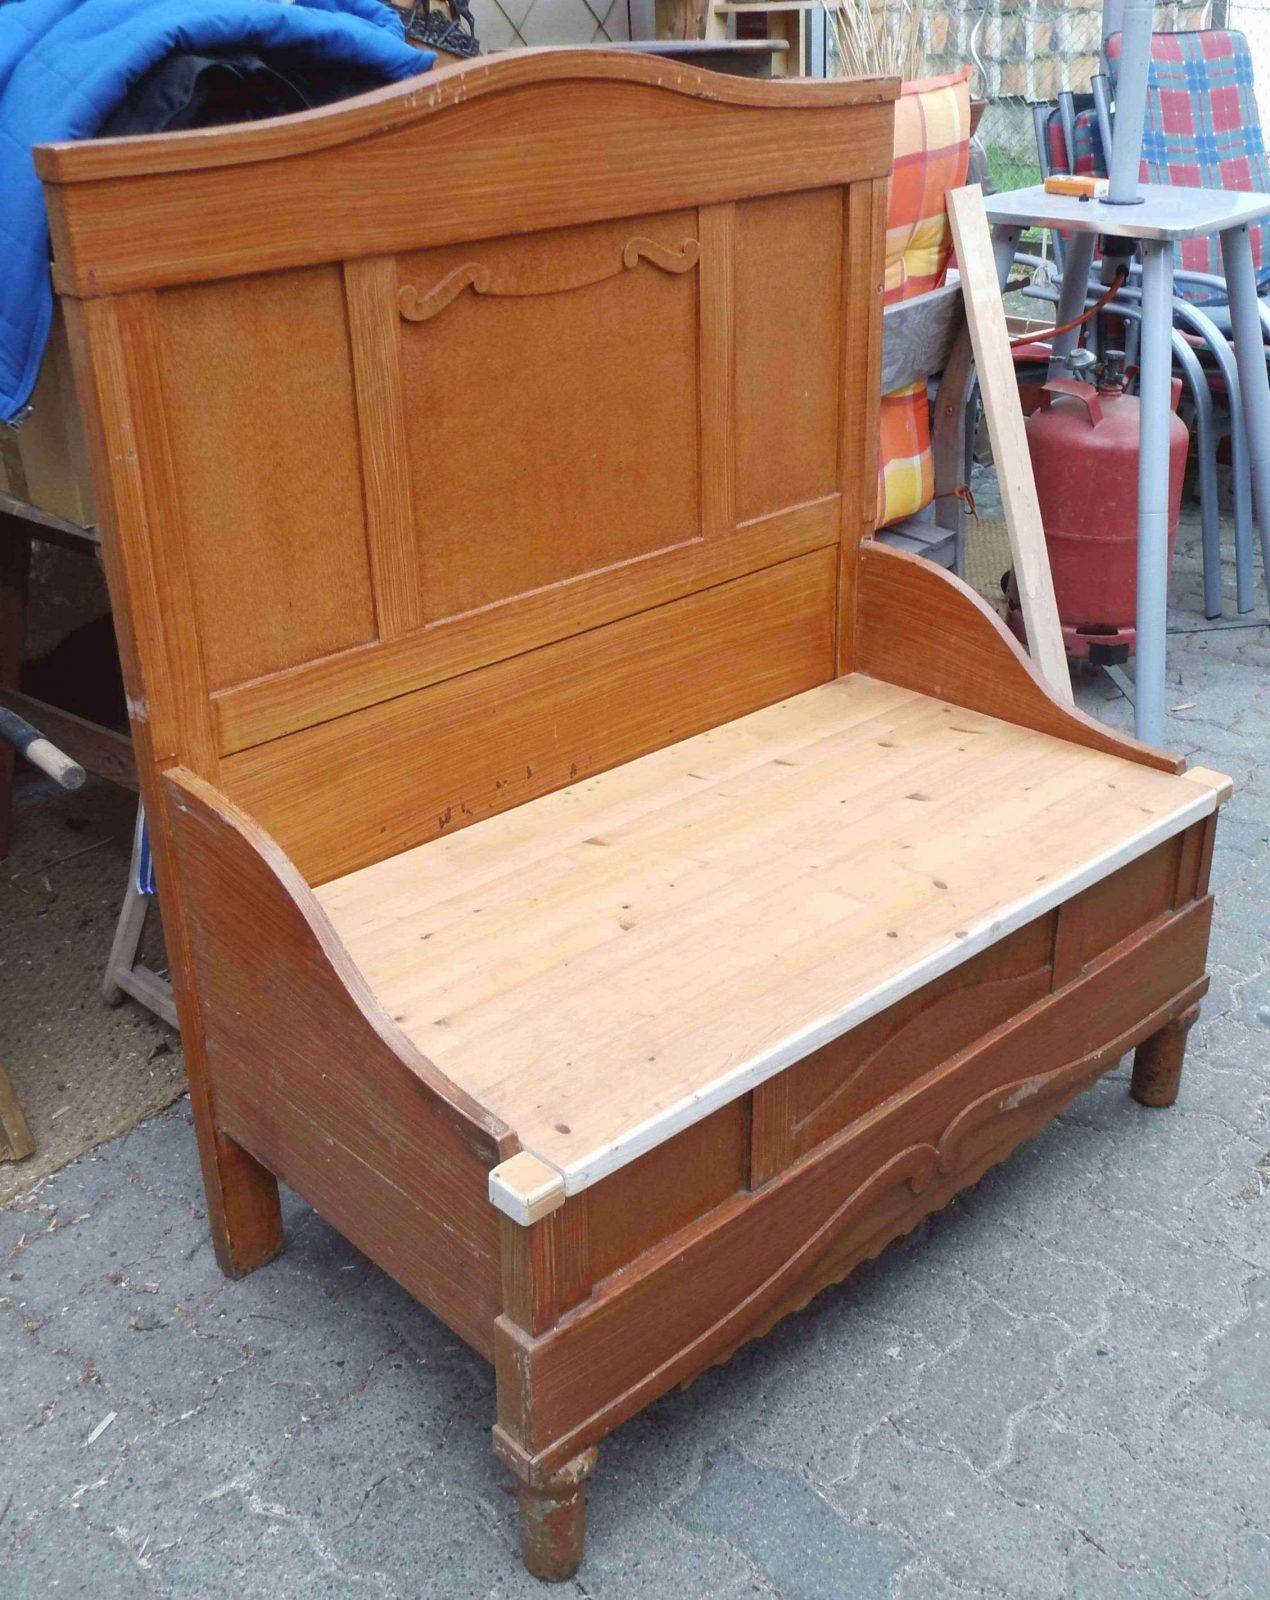 45 Schön Holz Liegestuhl Ikea Galerie  Vervollständigen Sie Die von Holz Liegestuhl Selber Bauen Bild